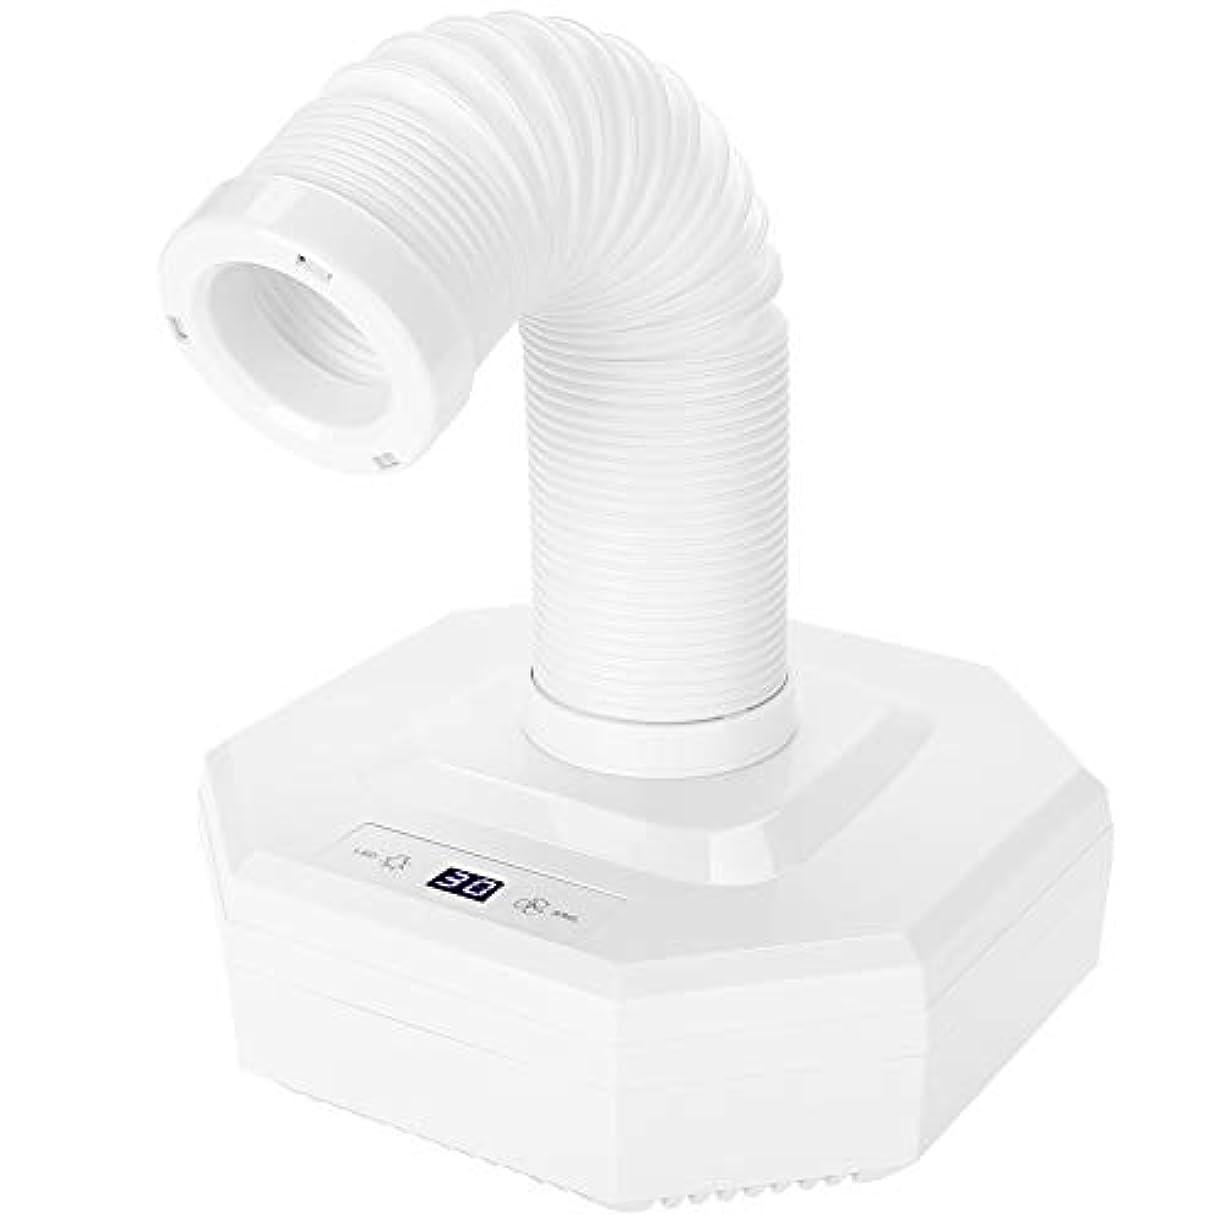 発揮する欺直立ネイル集塵機、60ワット強力なパワーマニキュア吸引掃除機用サロンuvジェルアクリルアートペディキュアツール(白)